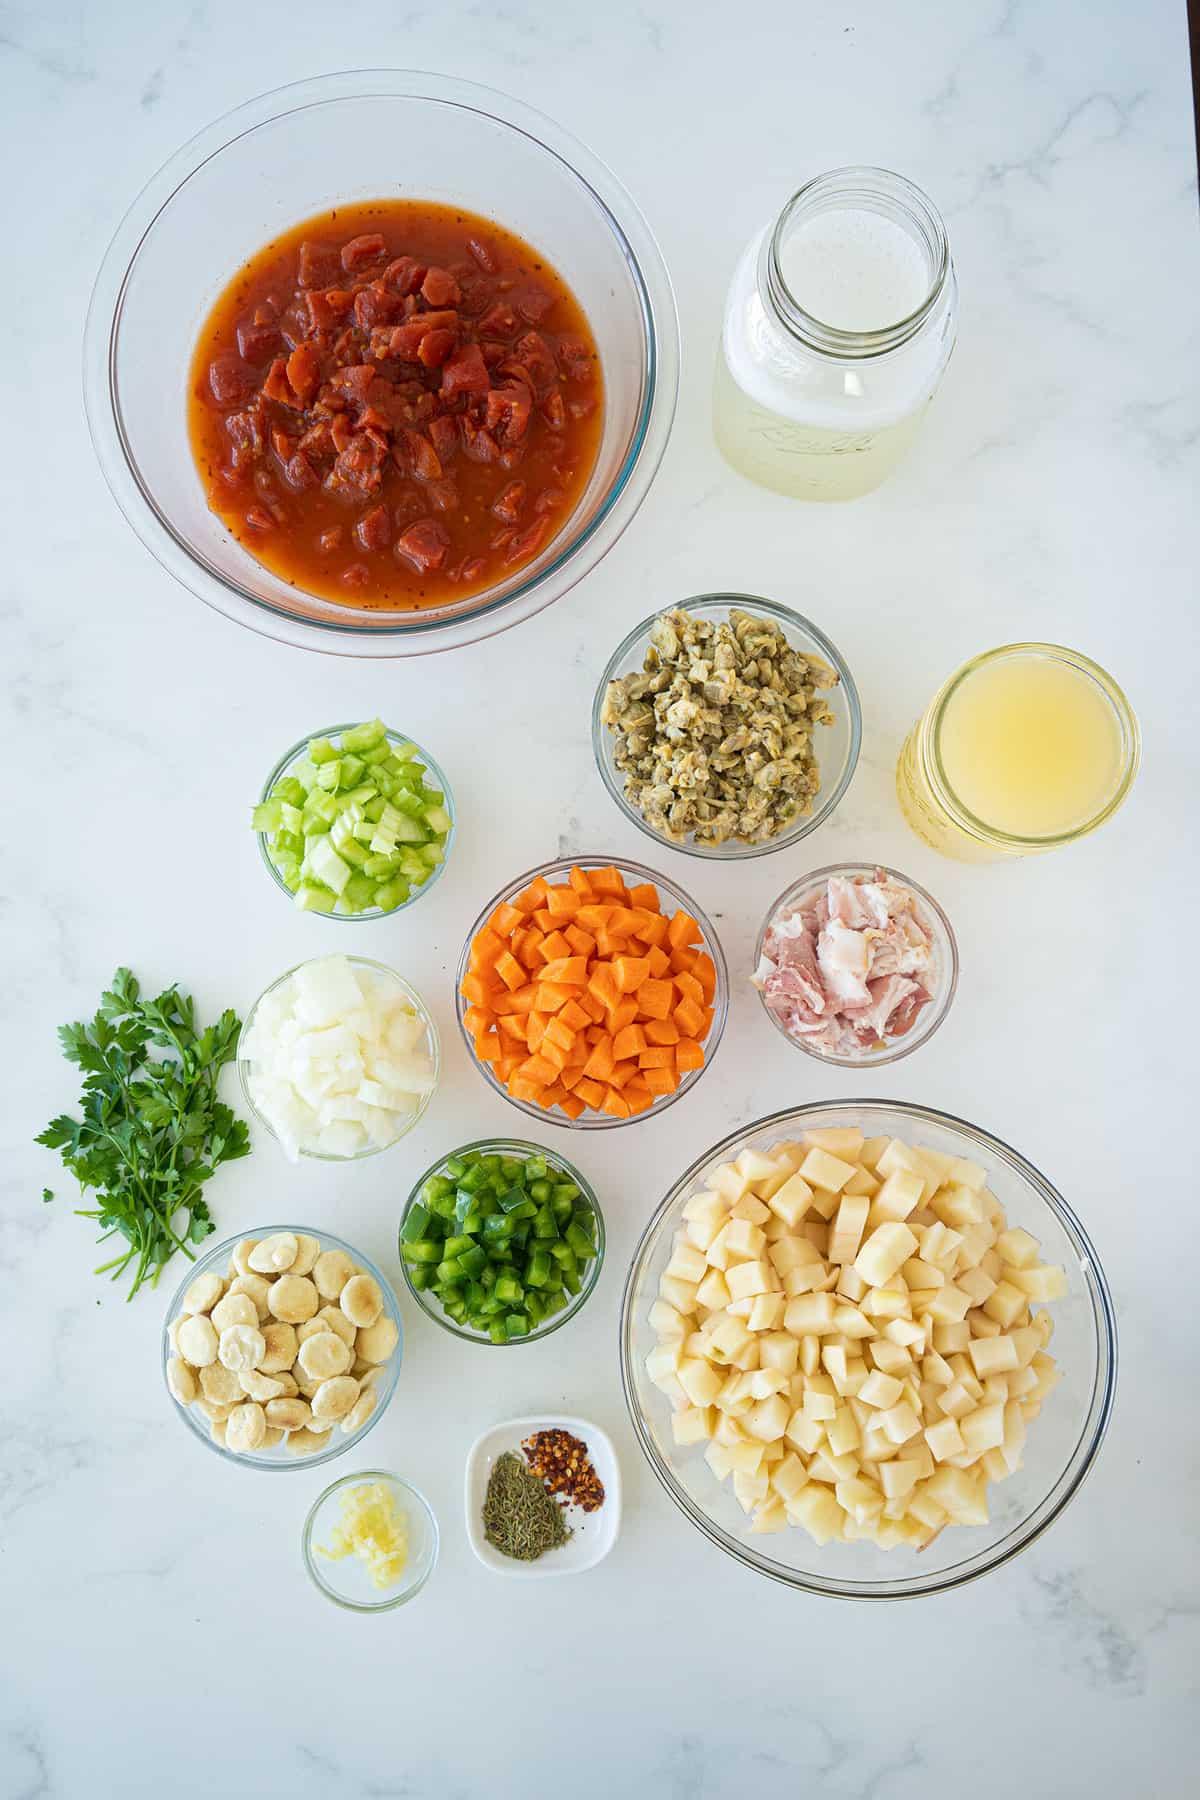 Manhattan Clam Chowder ingredients